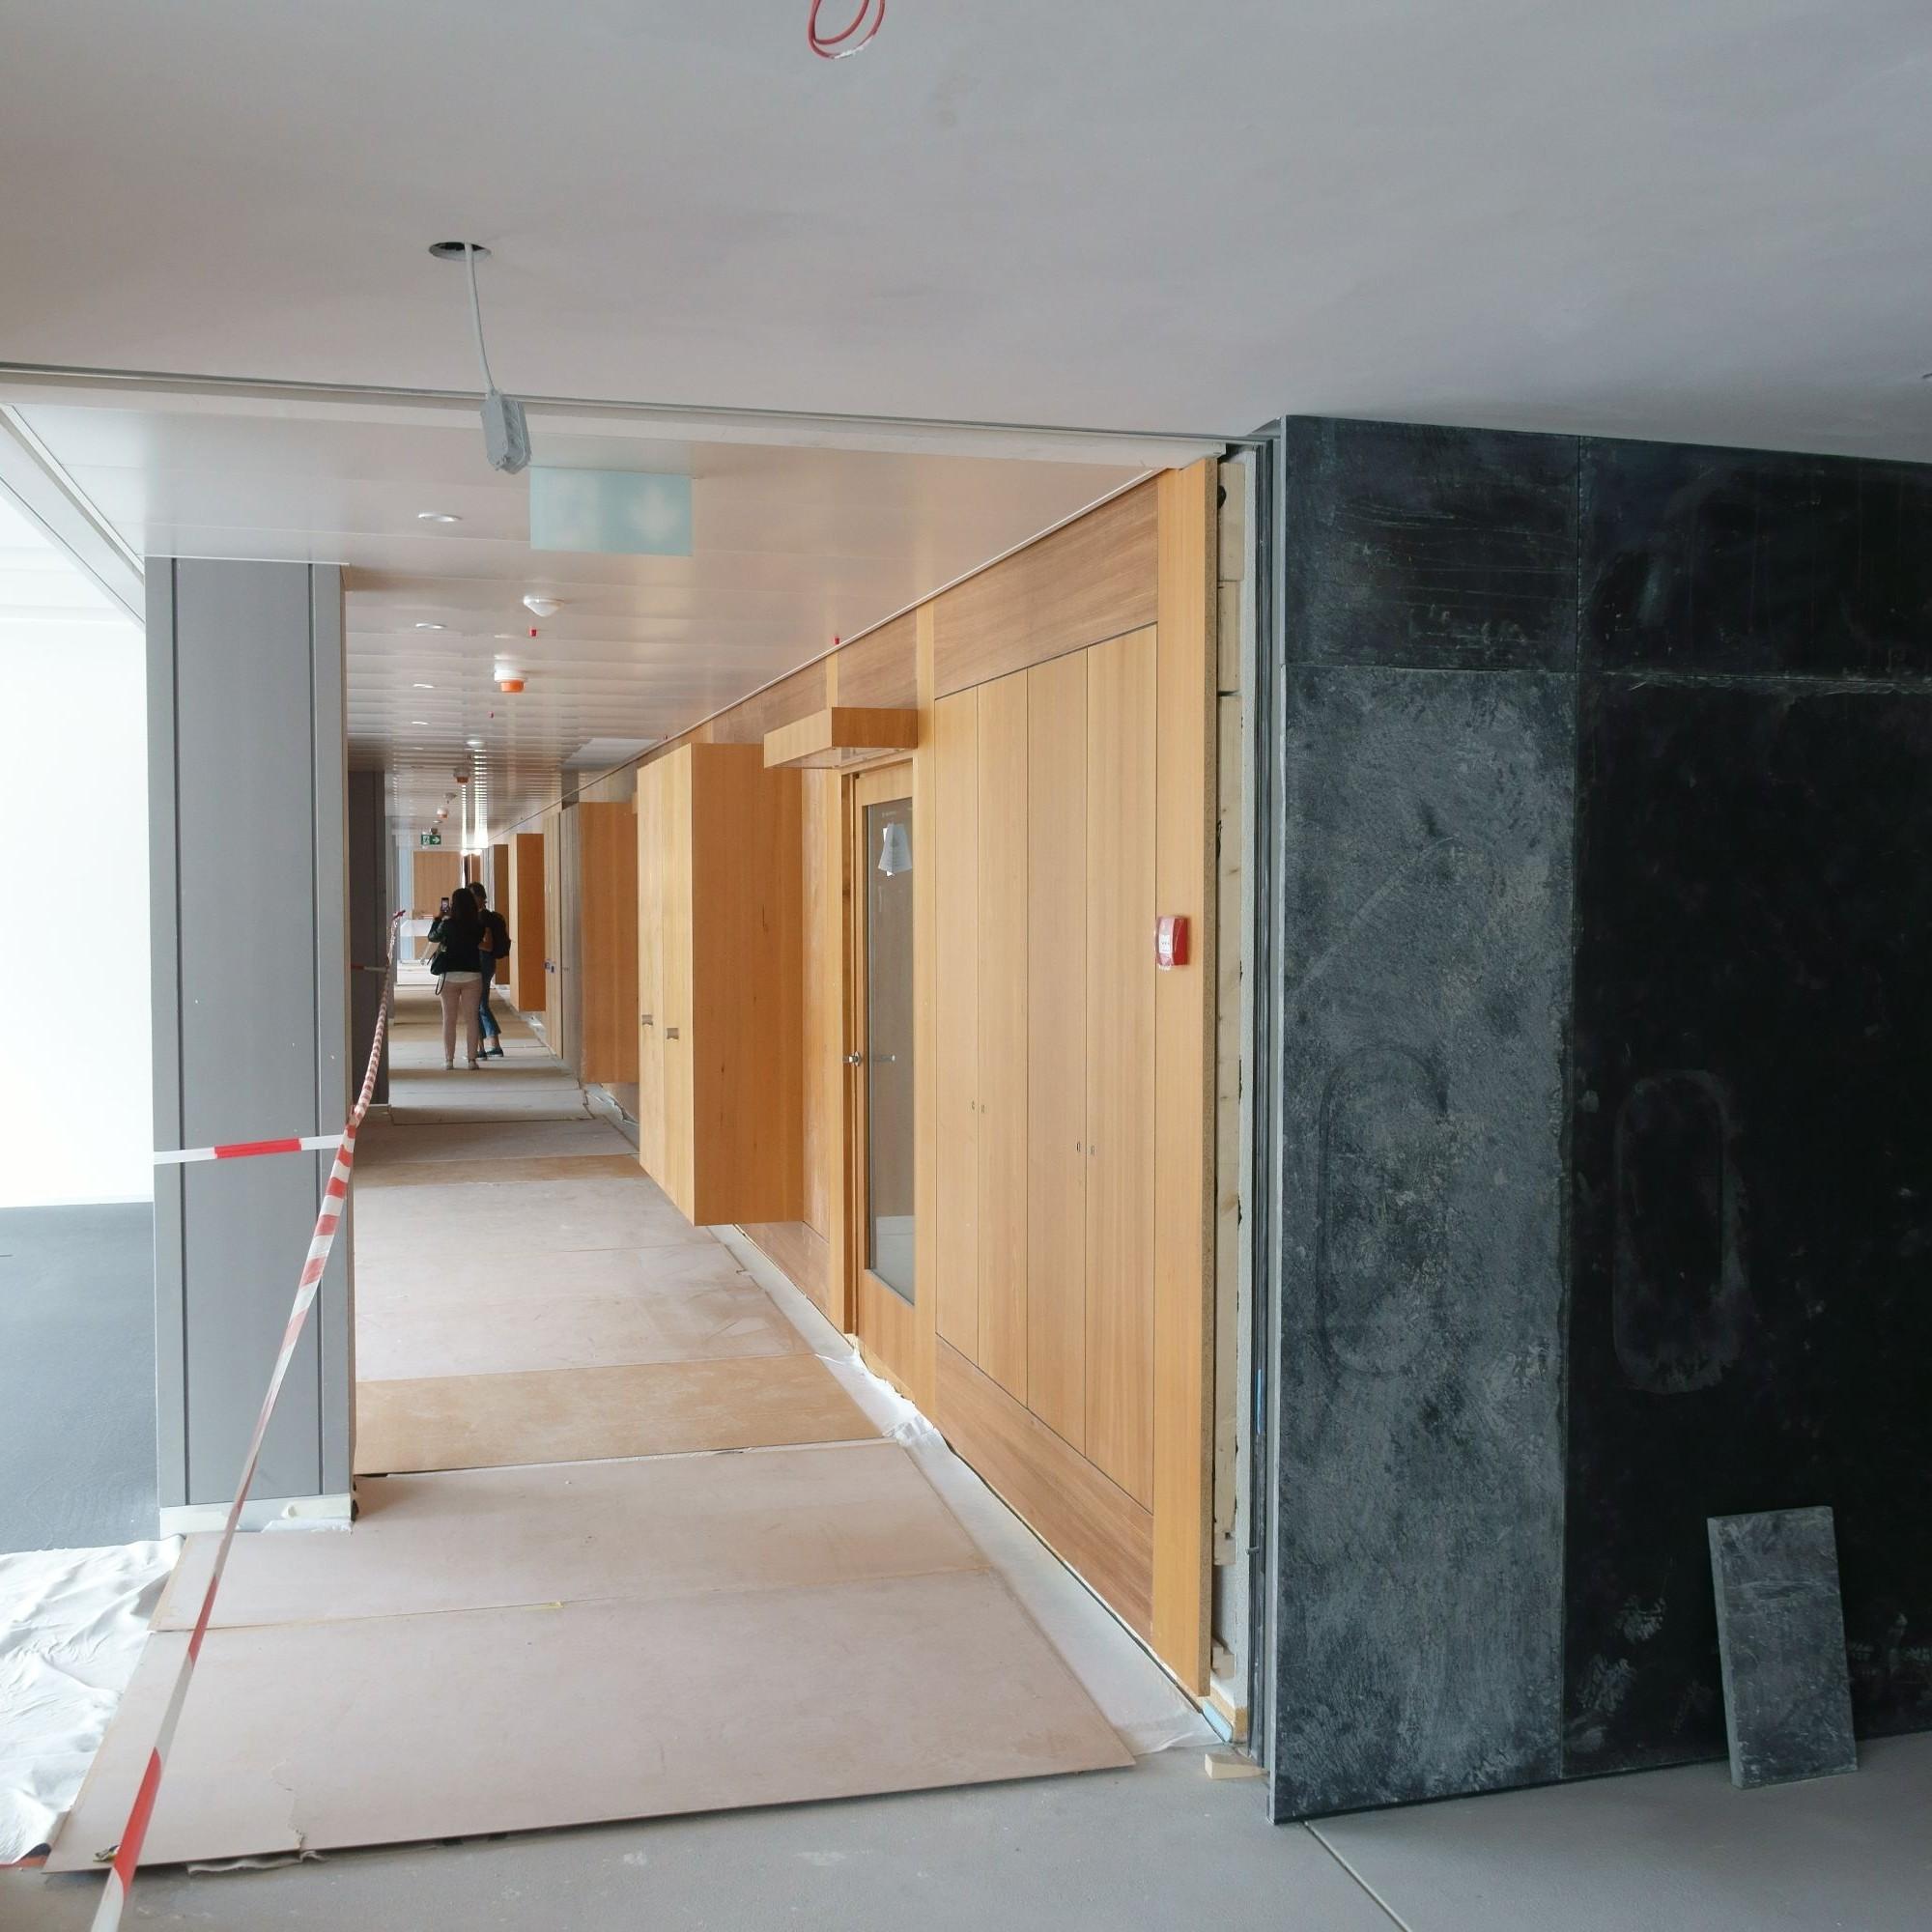 Für die Bearbeitung der bestehenden Holz- und Schieferoberflächen richteten die Architekten im Keller für die zuständigen Unternehmen eine Werkstattzone ein. Dies sparte Zeit und CO2 für unnötige Transporte.